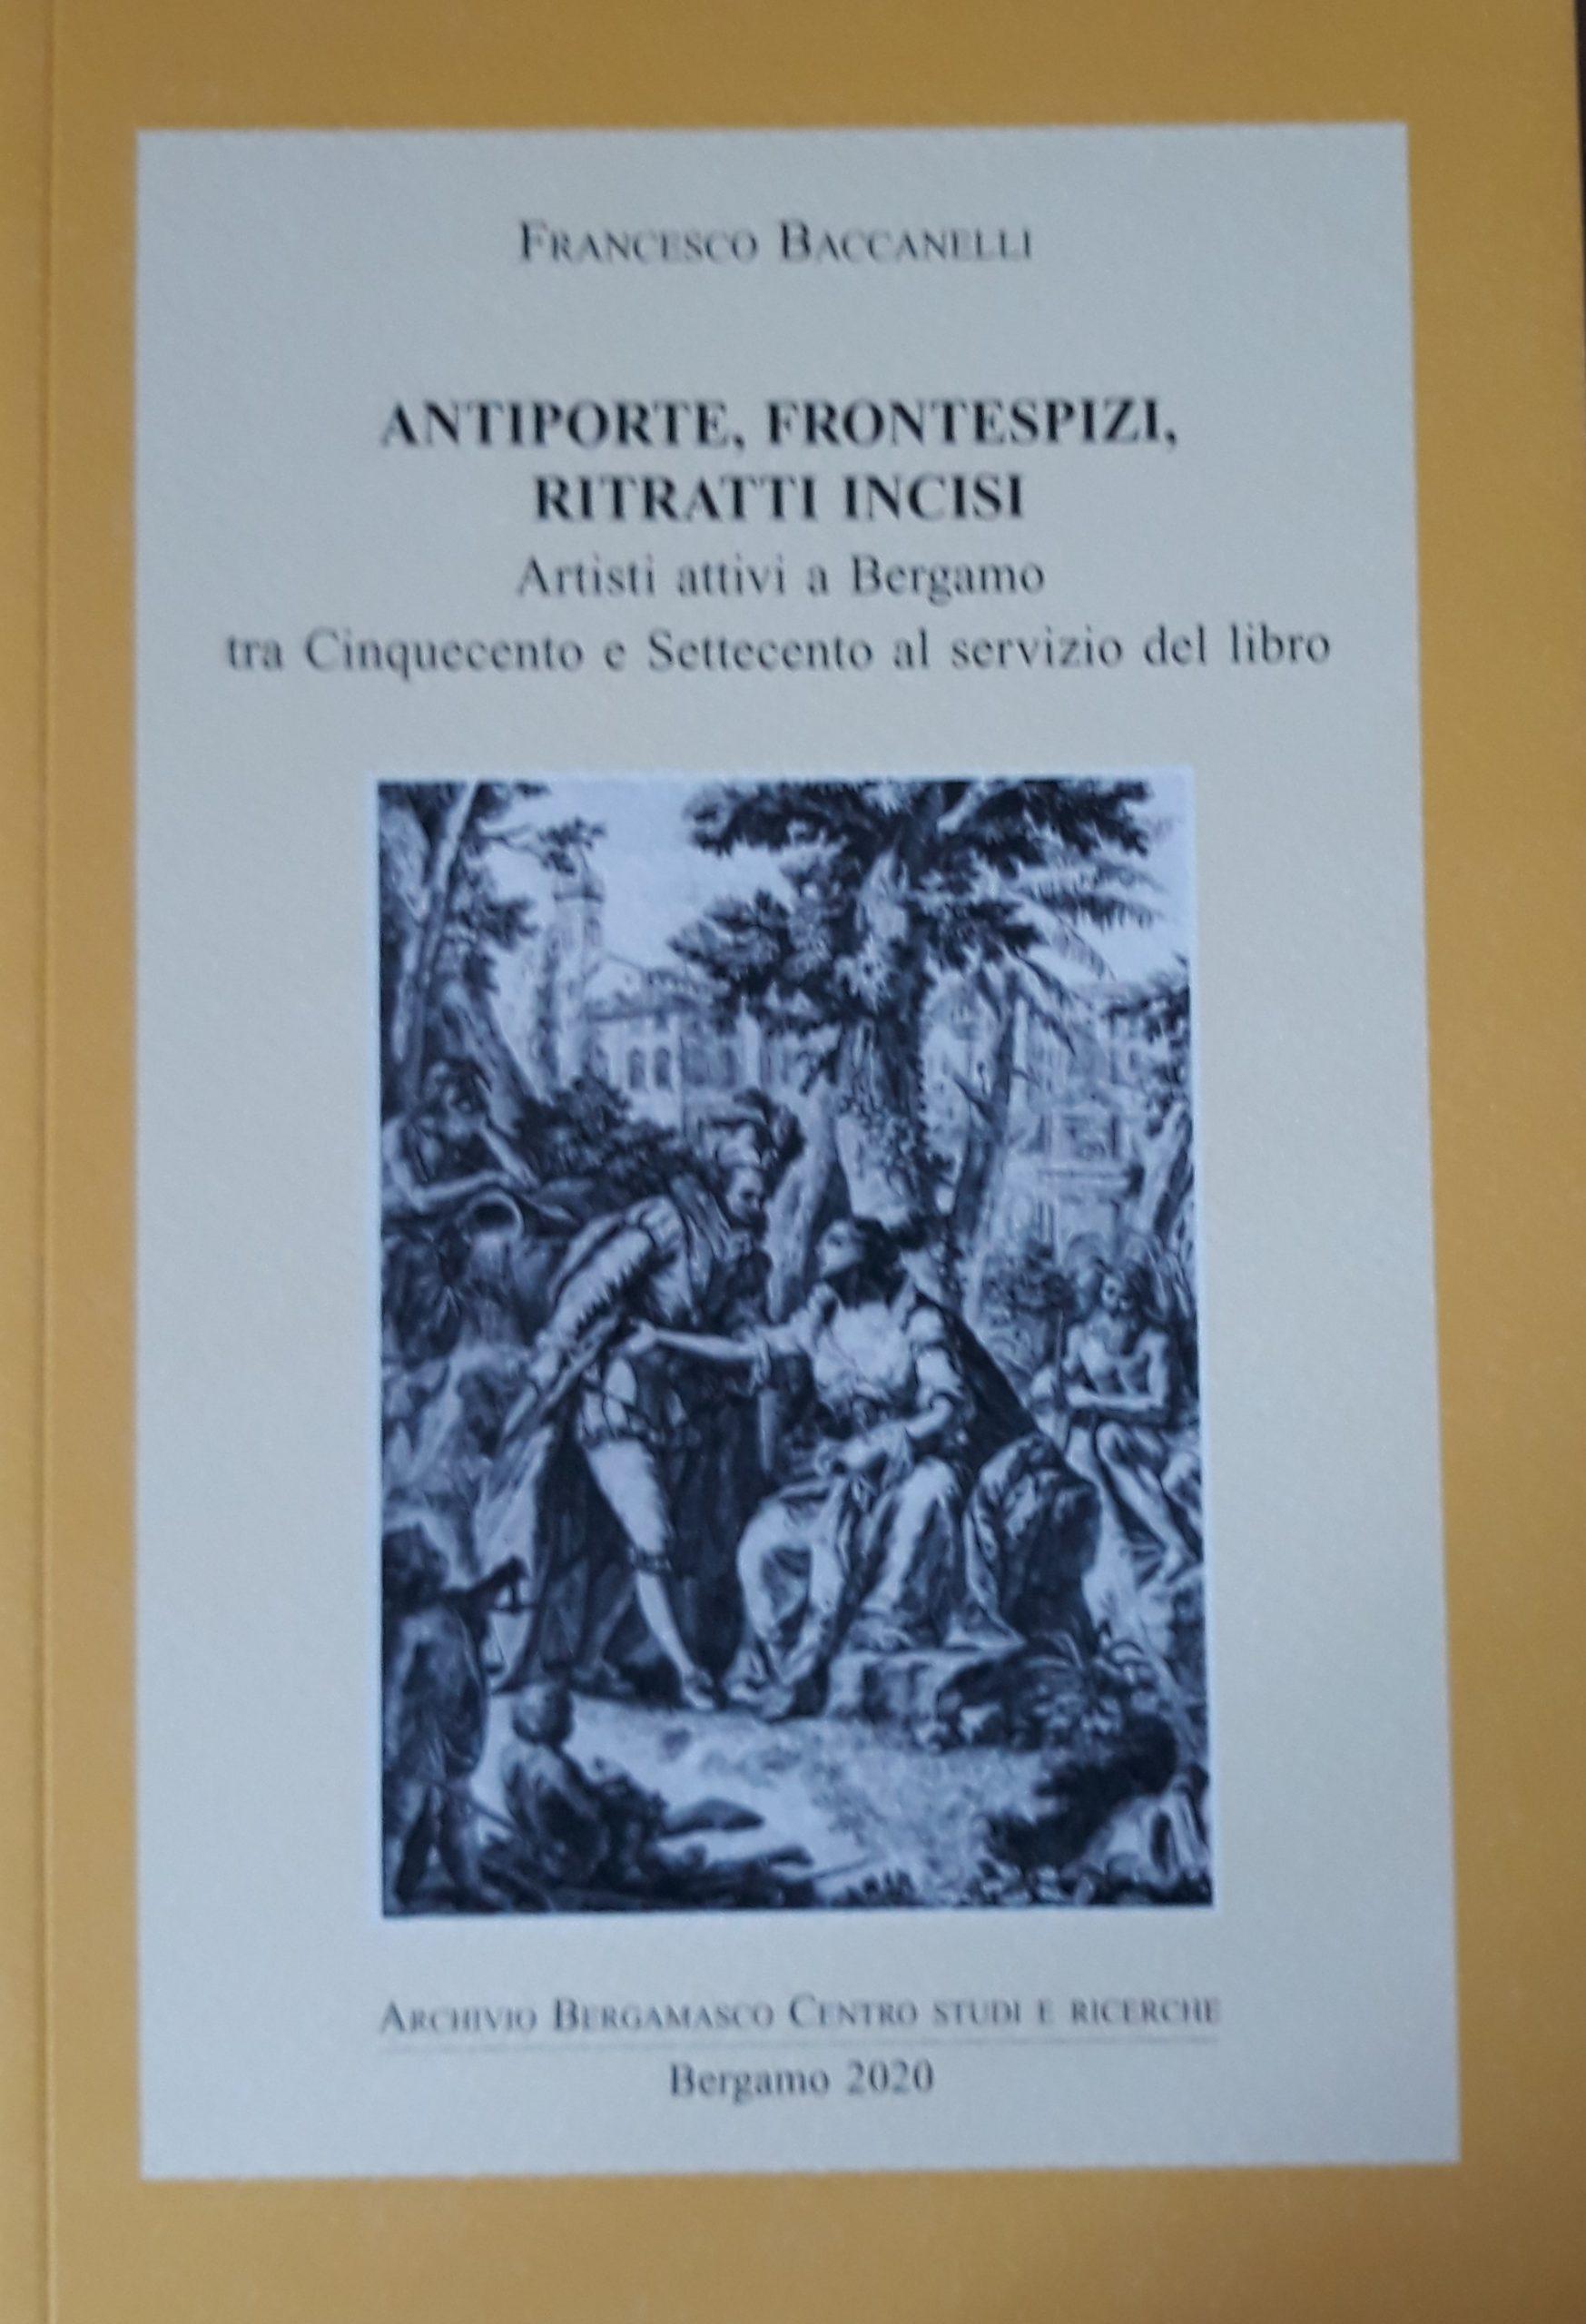 Francesco Baccanelli, Antiporte, frontespizi, ritratti incisi